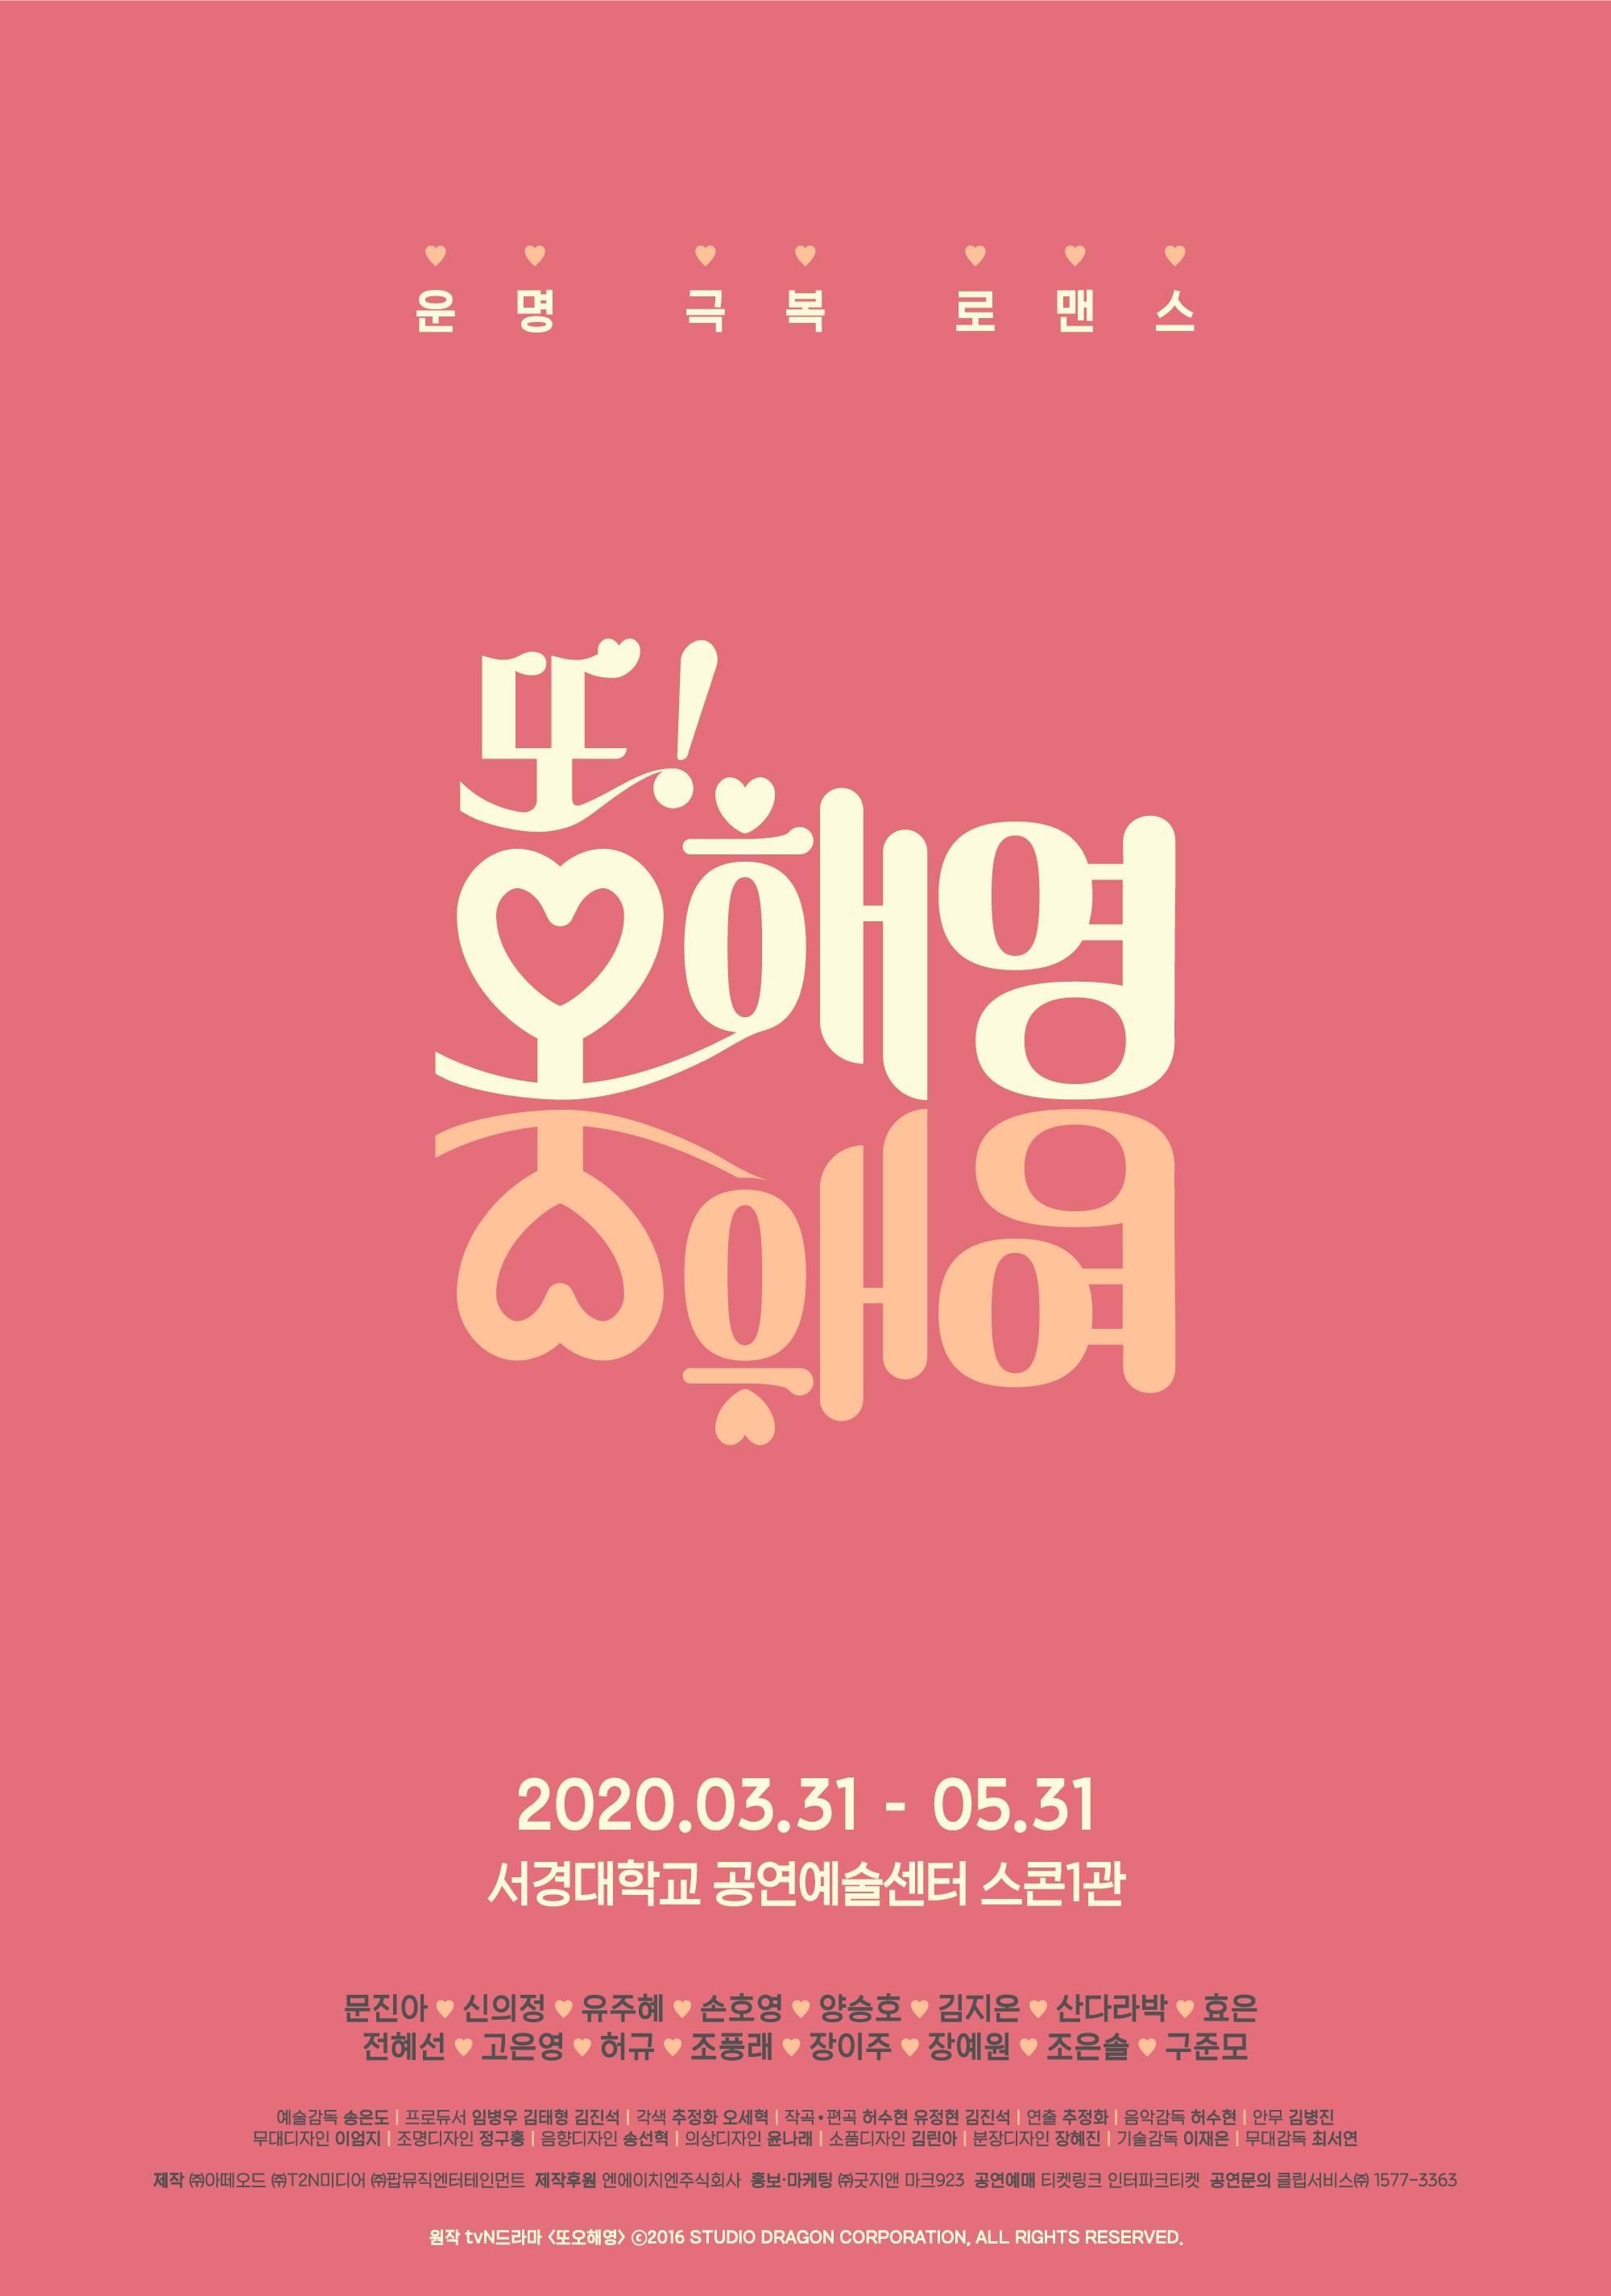 뮤지컬 '또! 오해영' 개막 앞두고 연습실 현장 공개